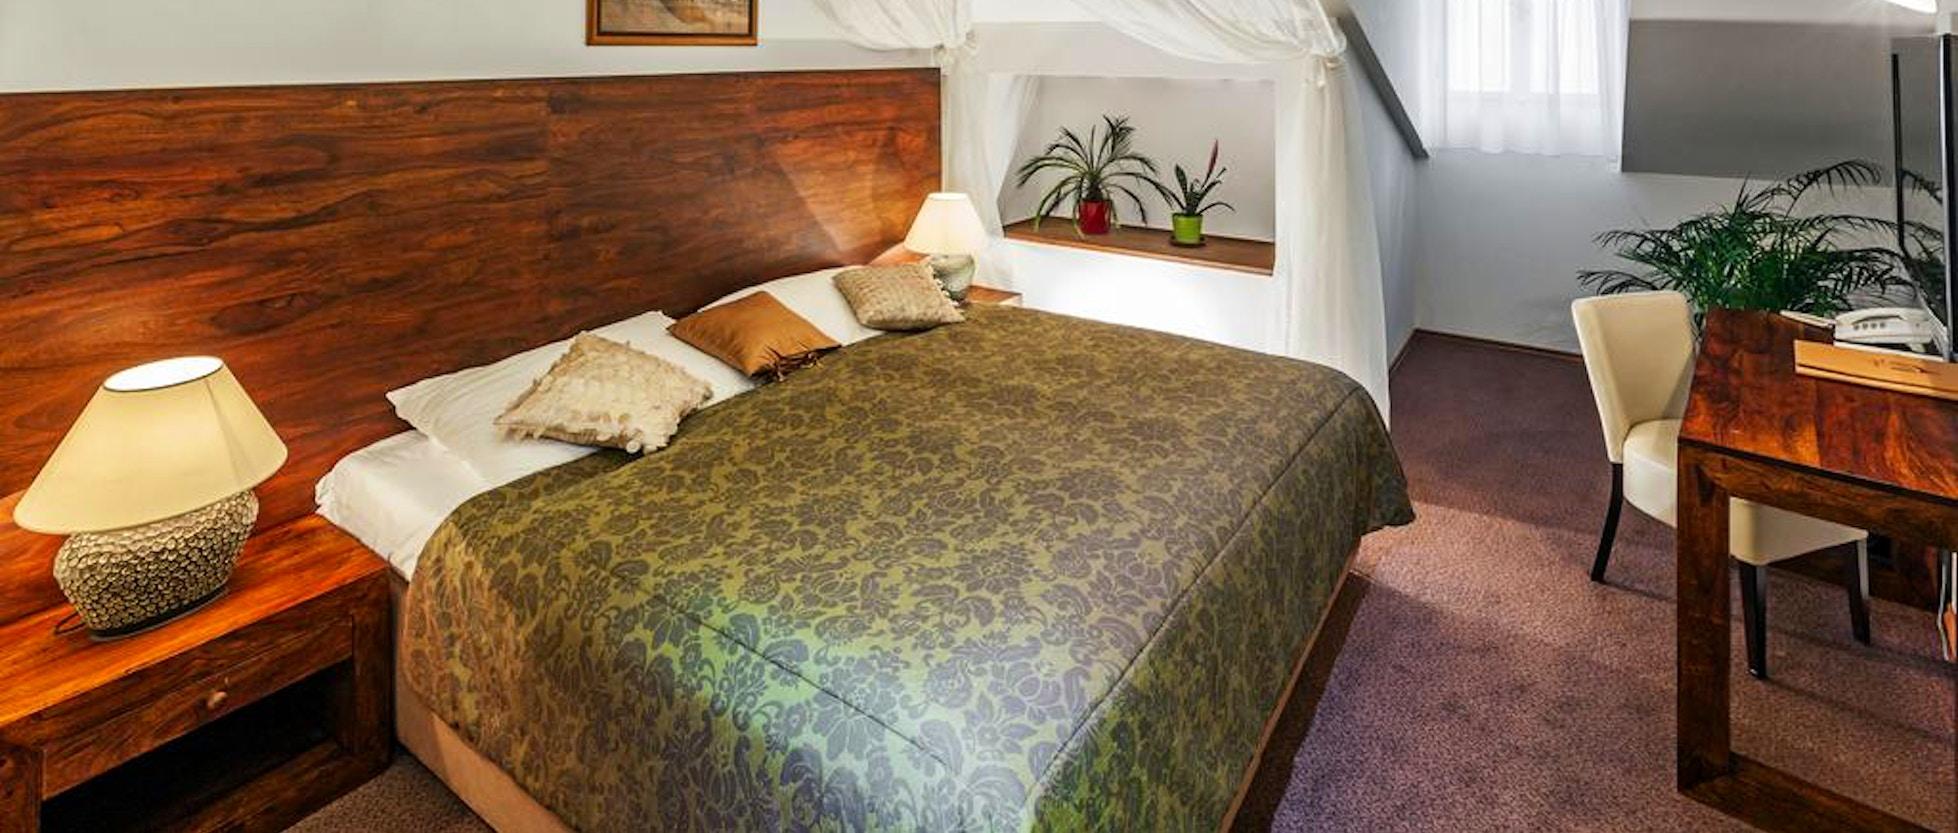 Hotel a Praga 1: i migliori alberghi e ostelli low cost